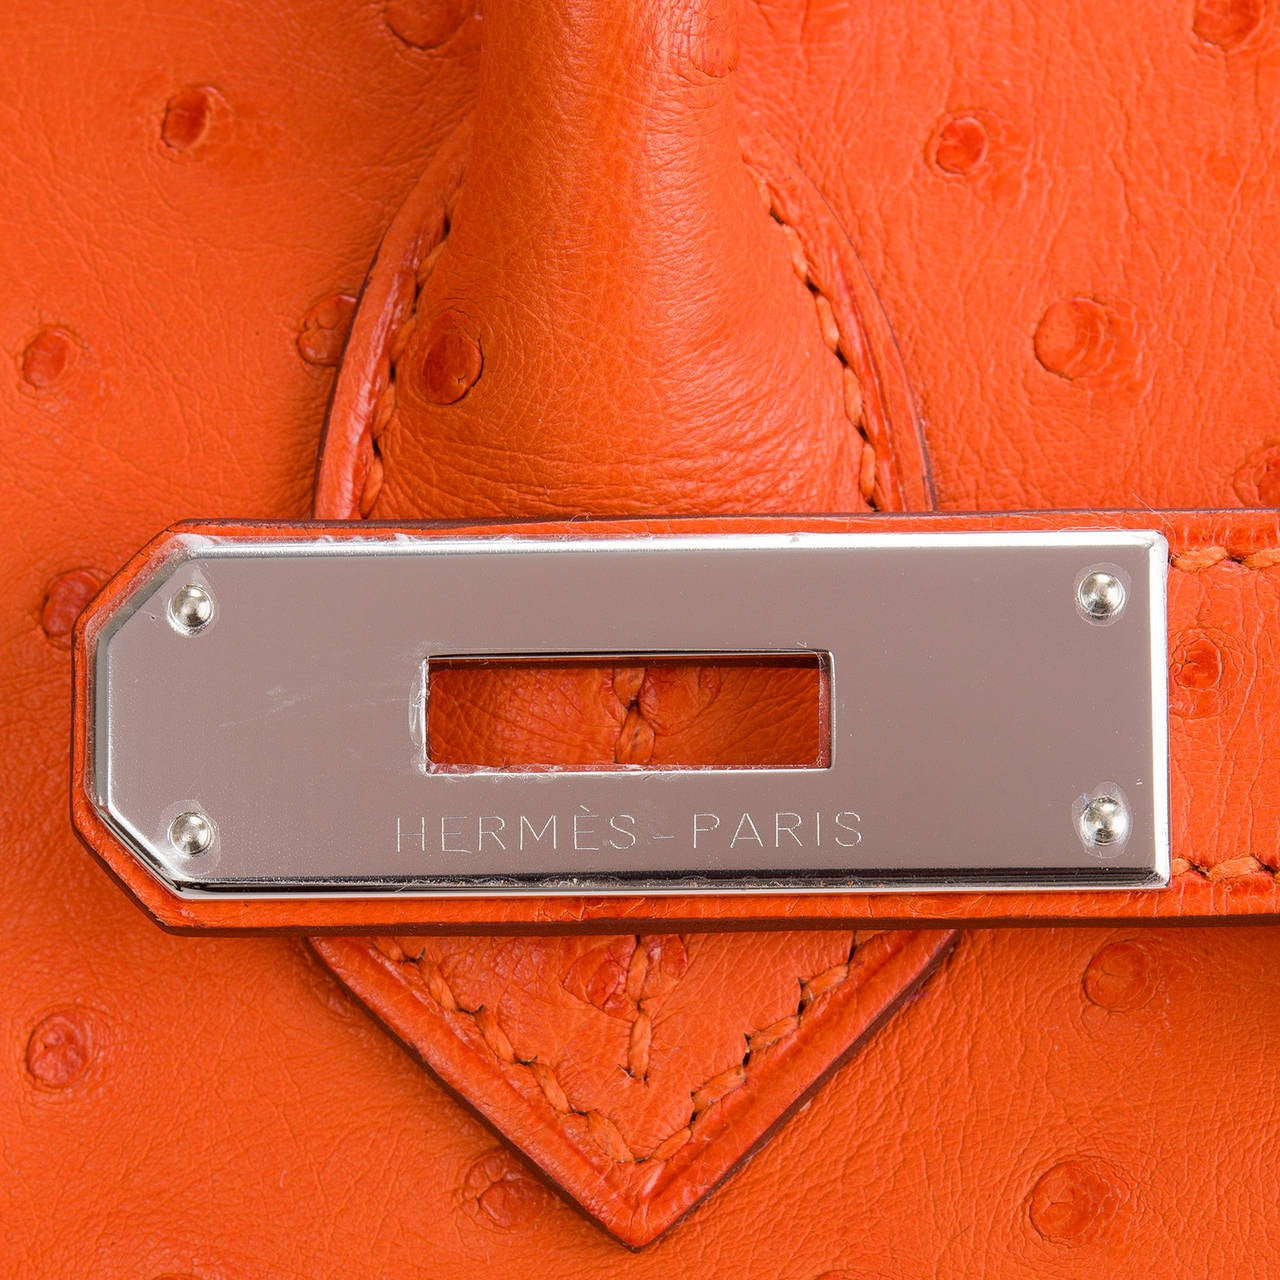 Hermes Tangerine Ostrich Birkin 30cm For Sale 2